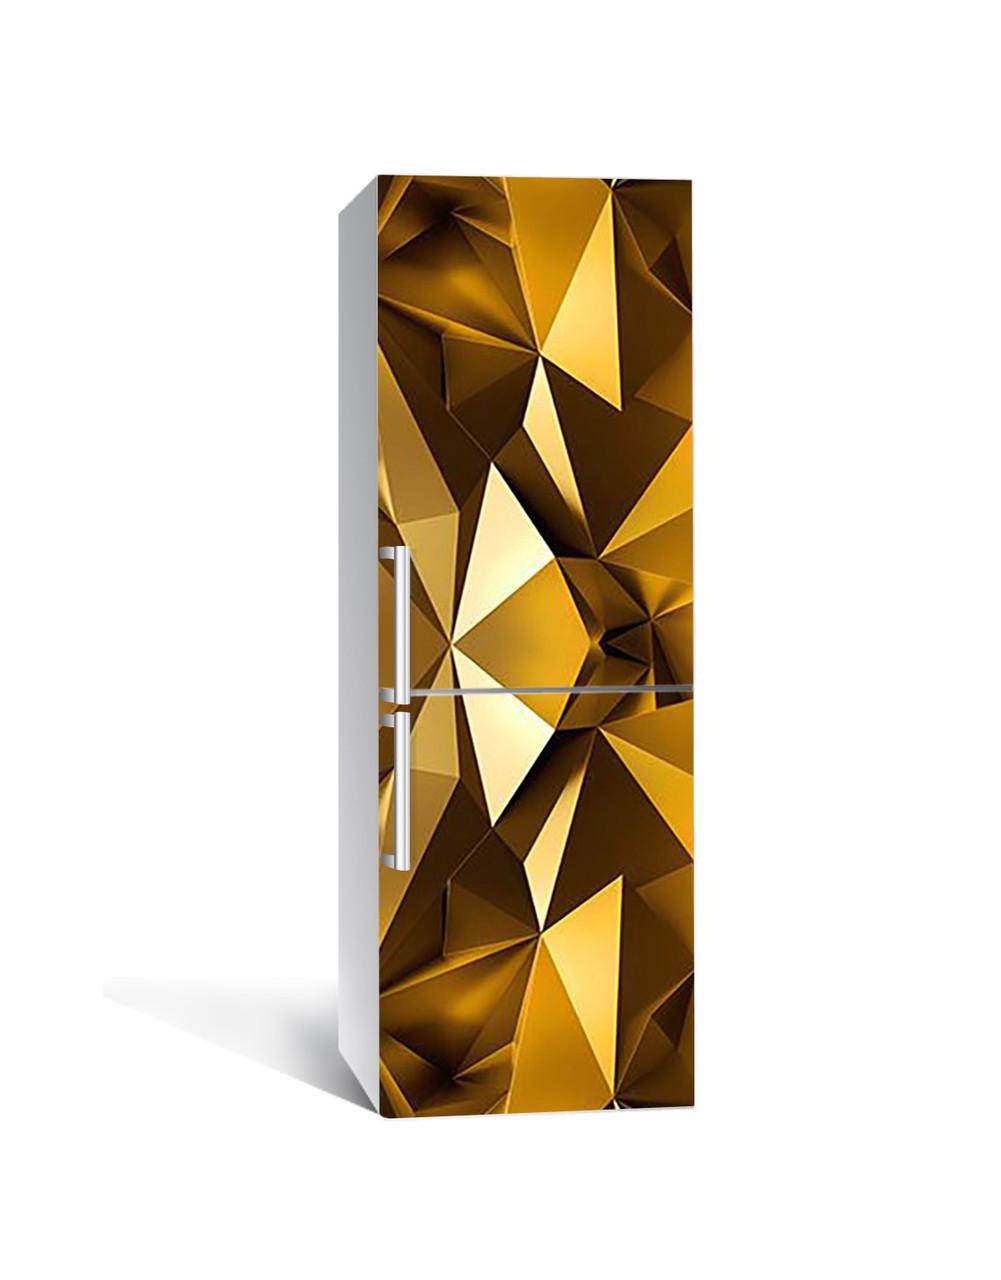 Вінілова 3Д наклейка на холодильник Золоте Заломлення (плівка ПВХ фотодрук) 65*200см Геометрія Жовтий